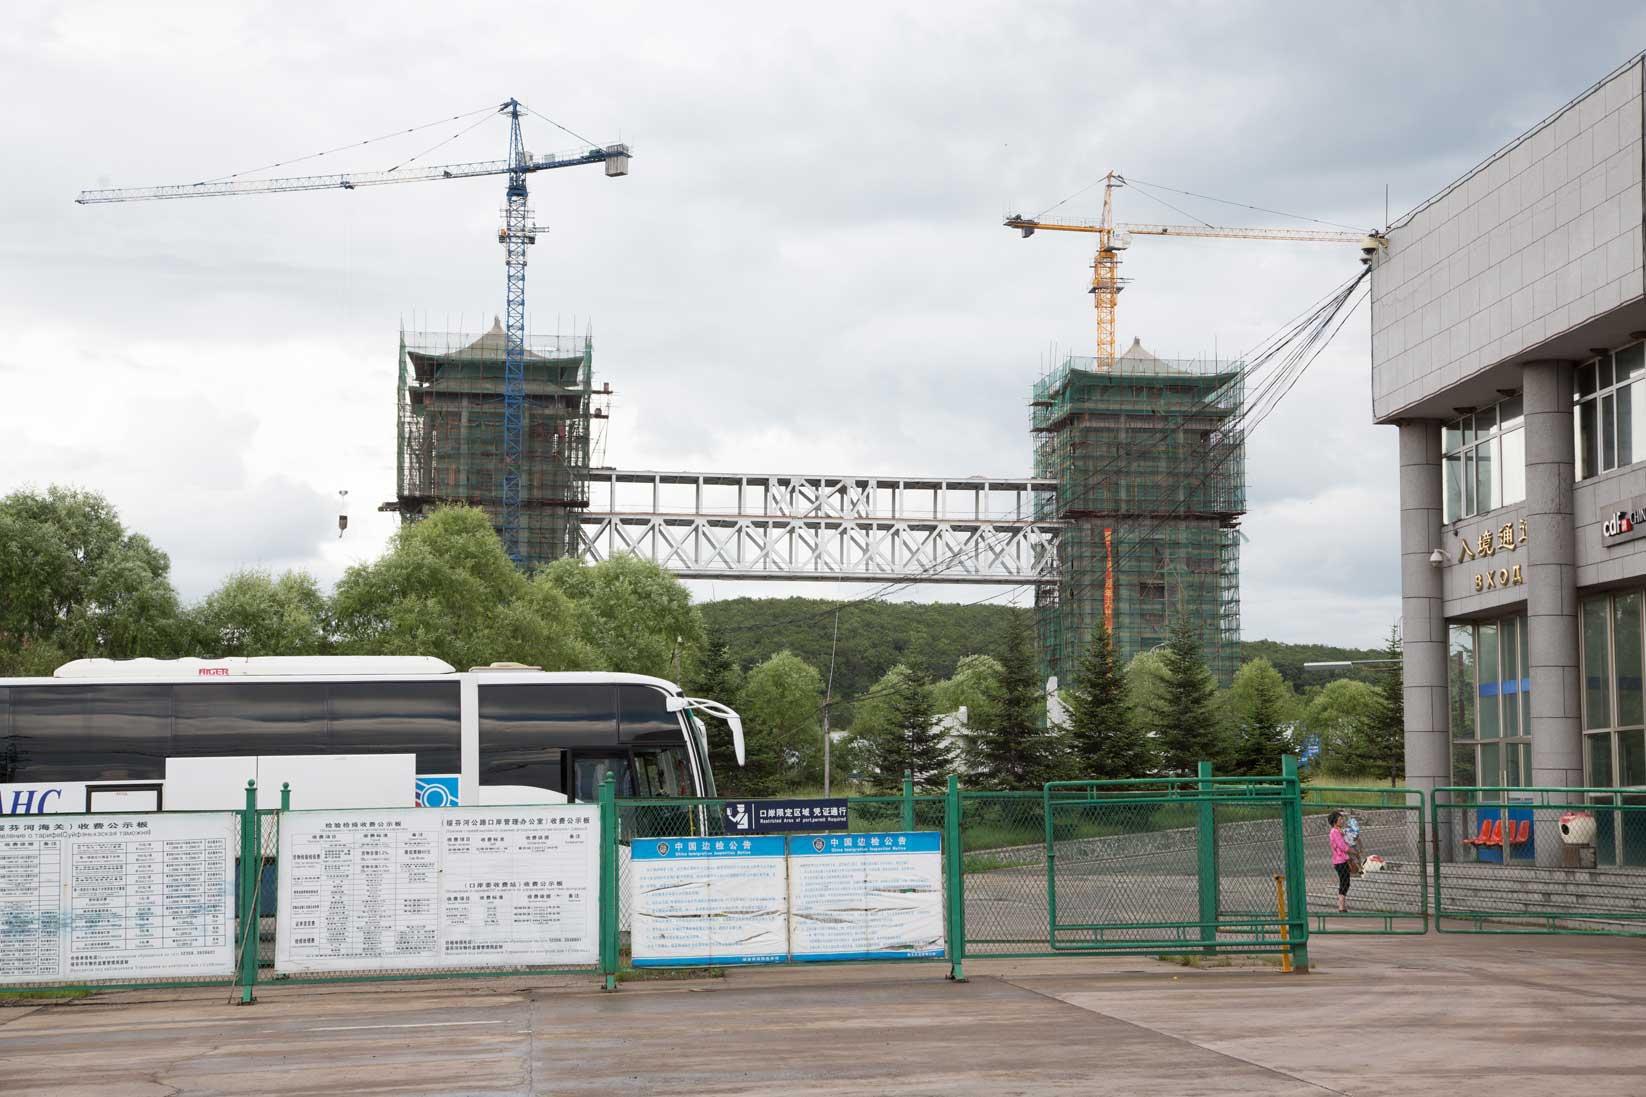 綏芬河の新国境ゲート建設は進行中_b0235153_1755579.jpg